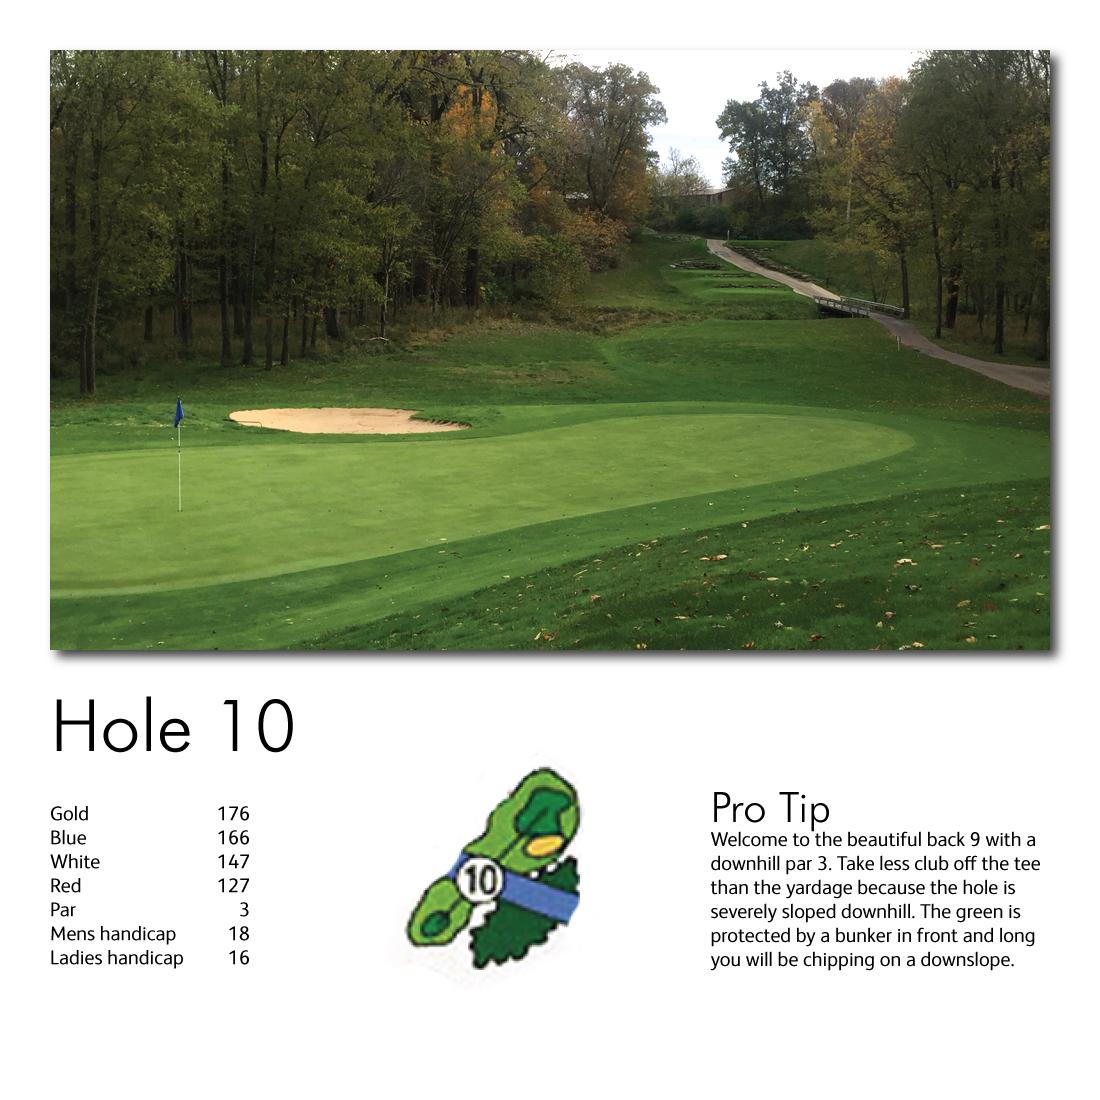 Hole-10-web-image.jpg